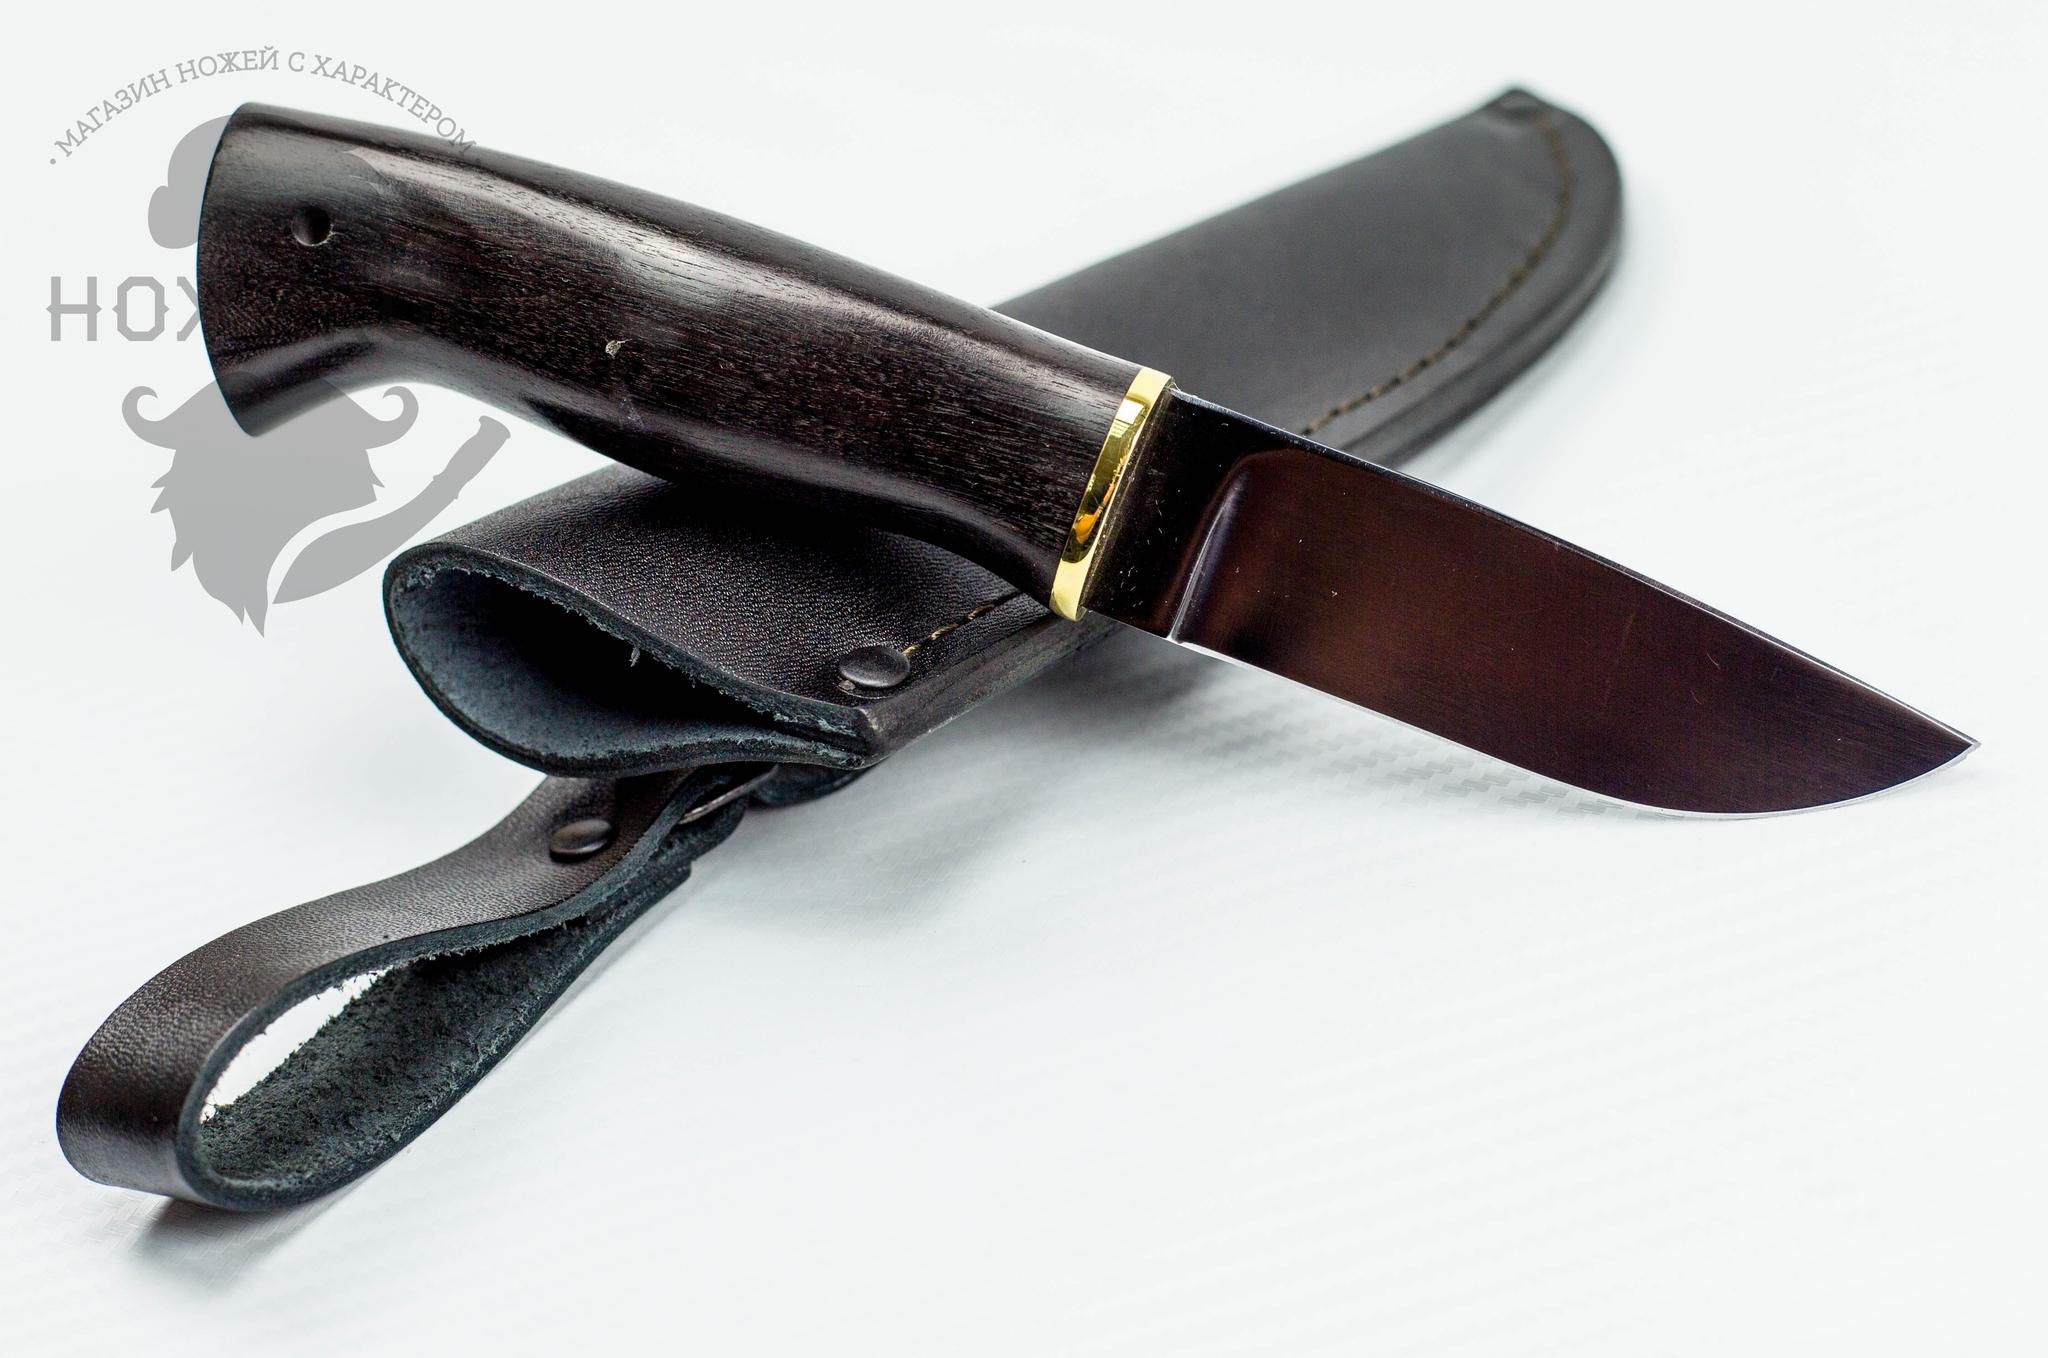 Нож MT-66, сталь 65Г